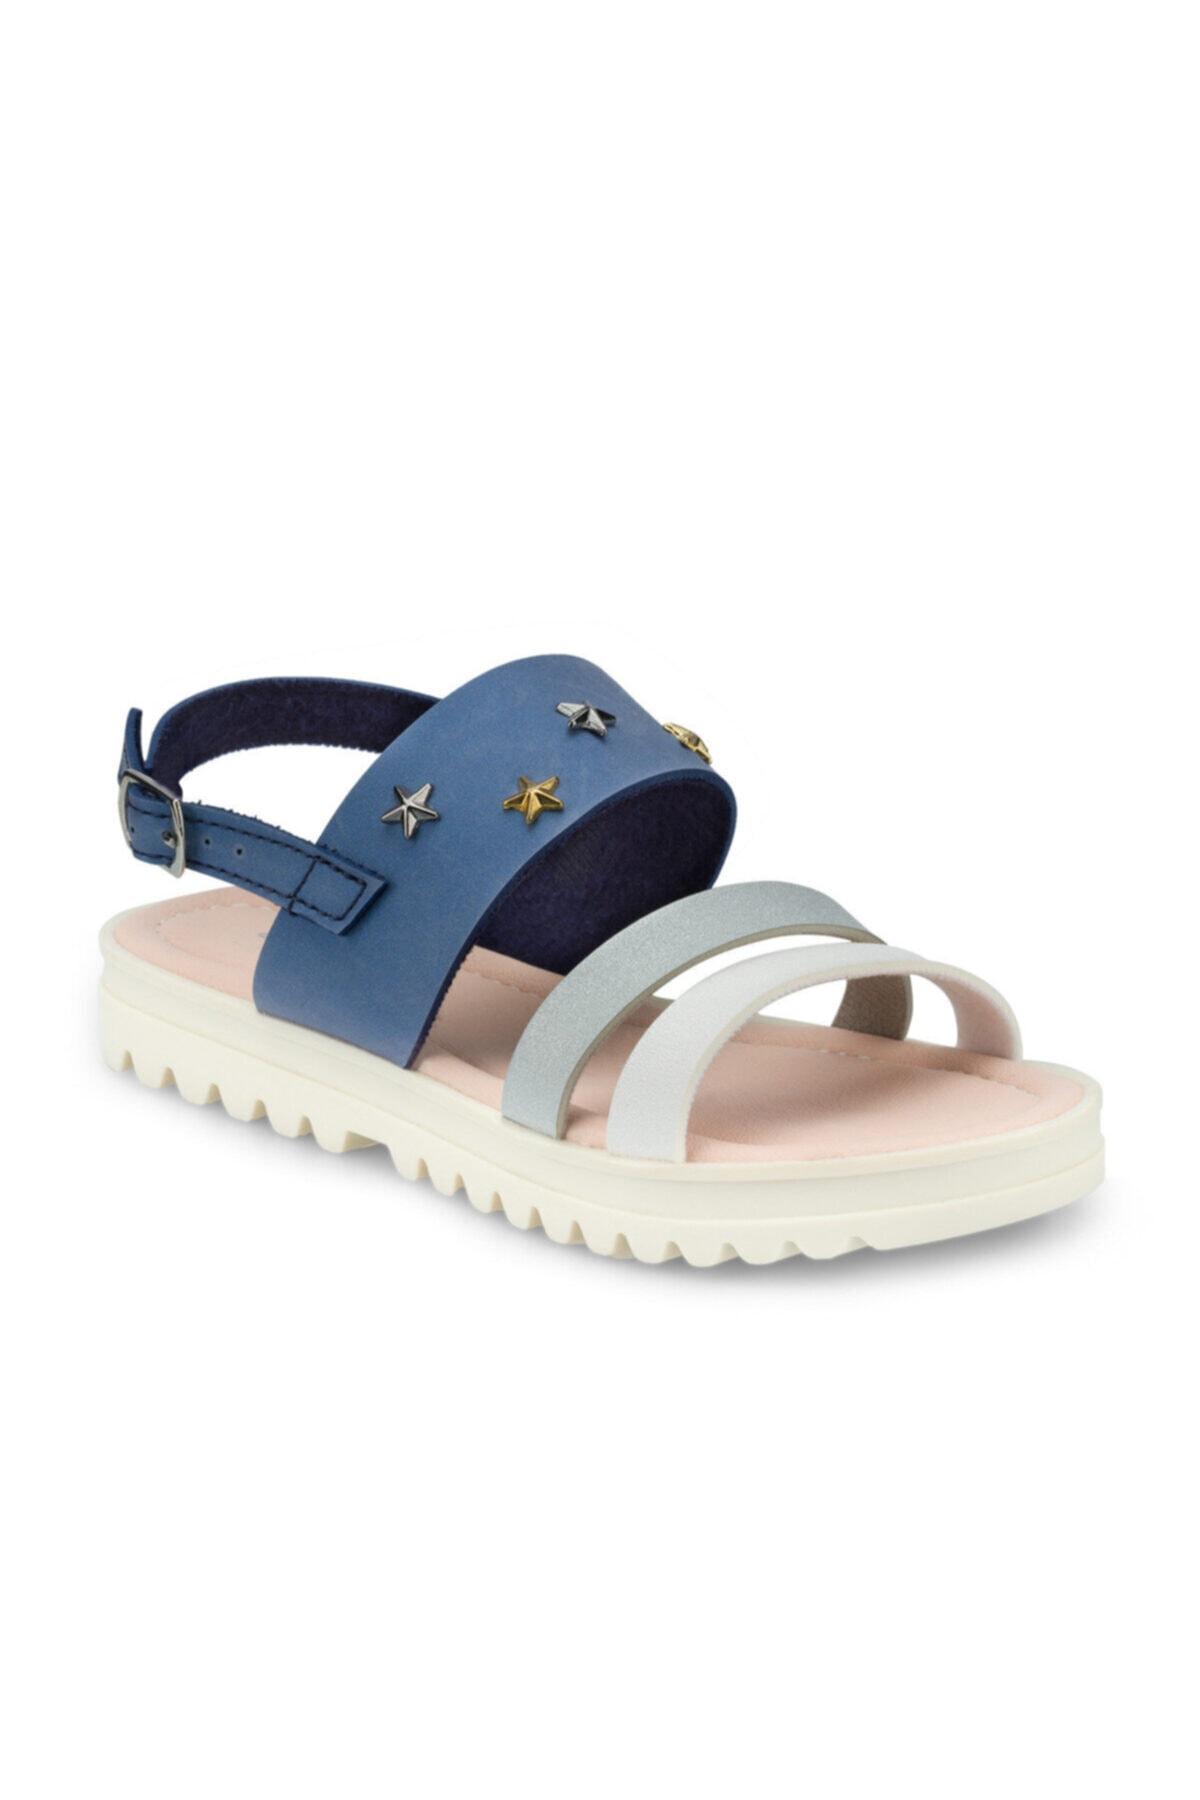 Polaris 512477.F Mavi Kız Çocuk Sandalet 100499833 1